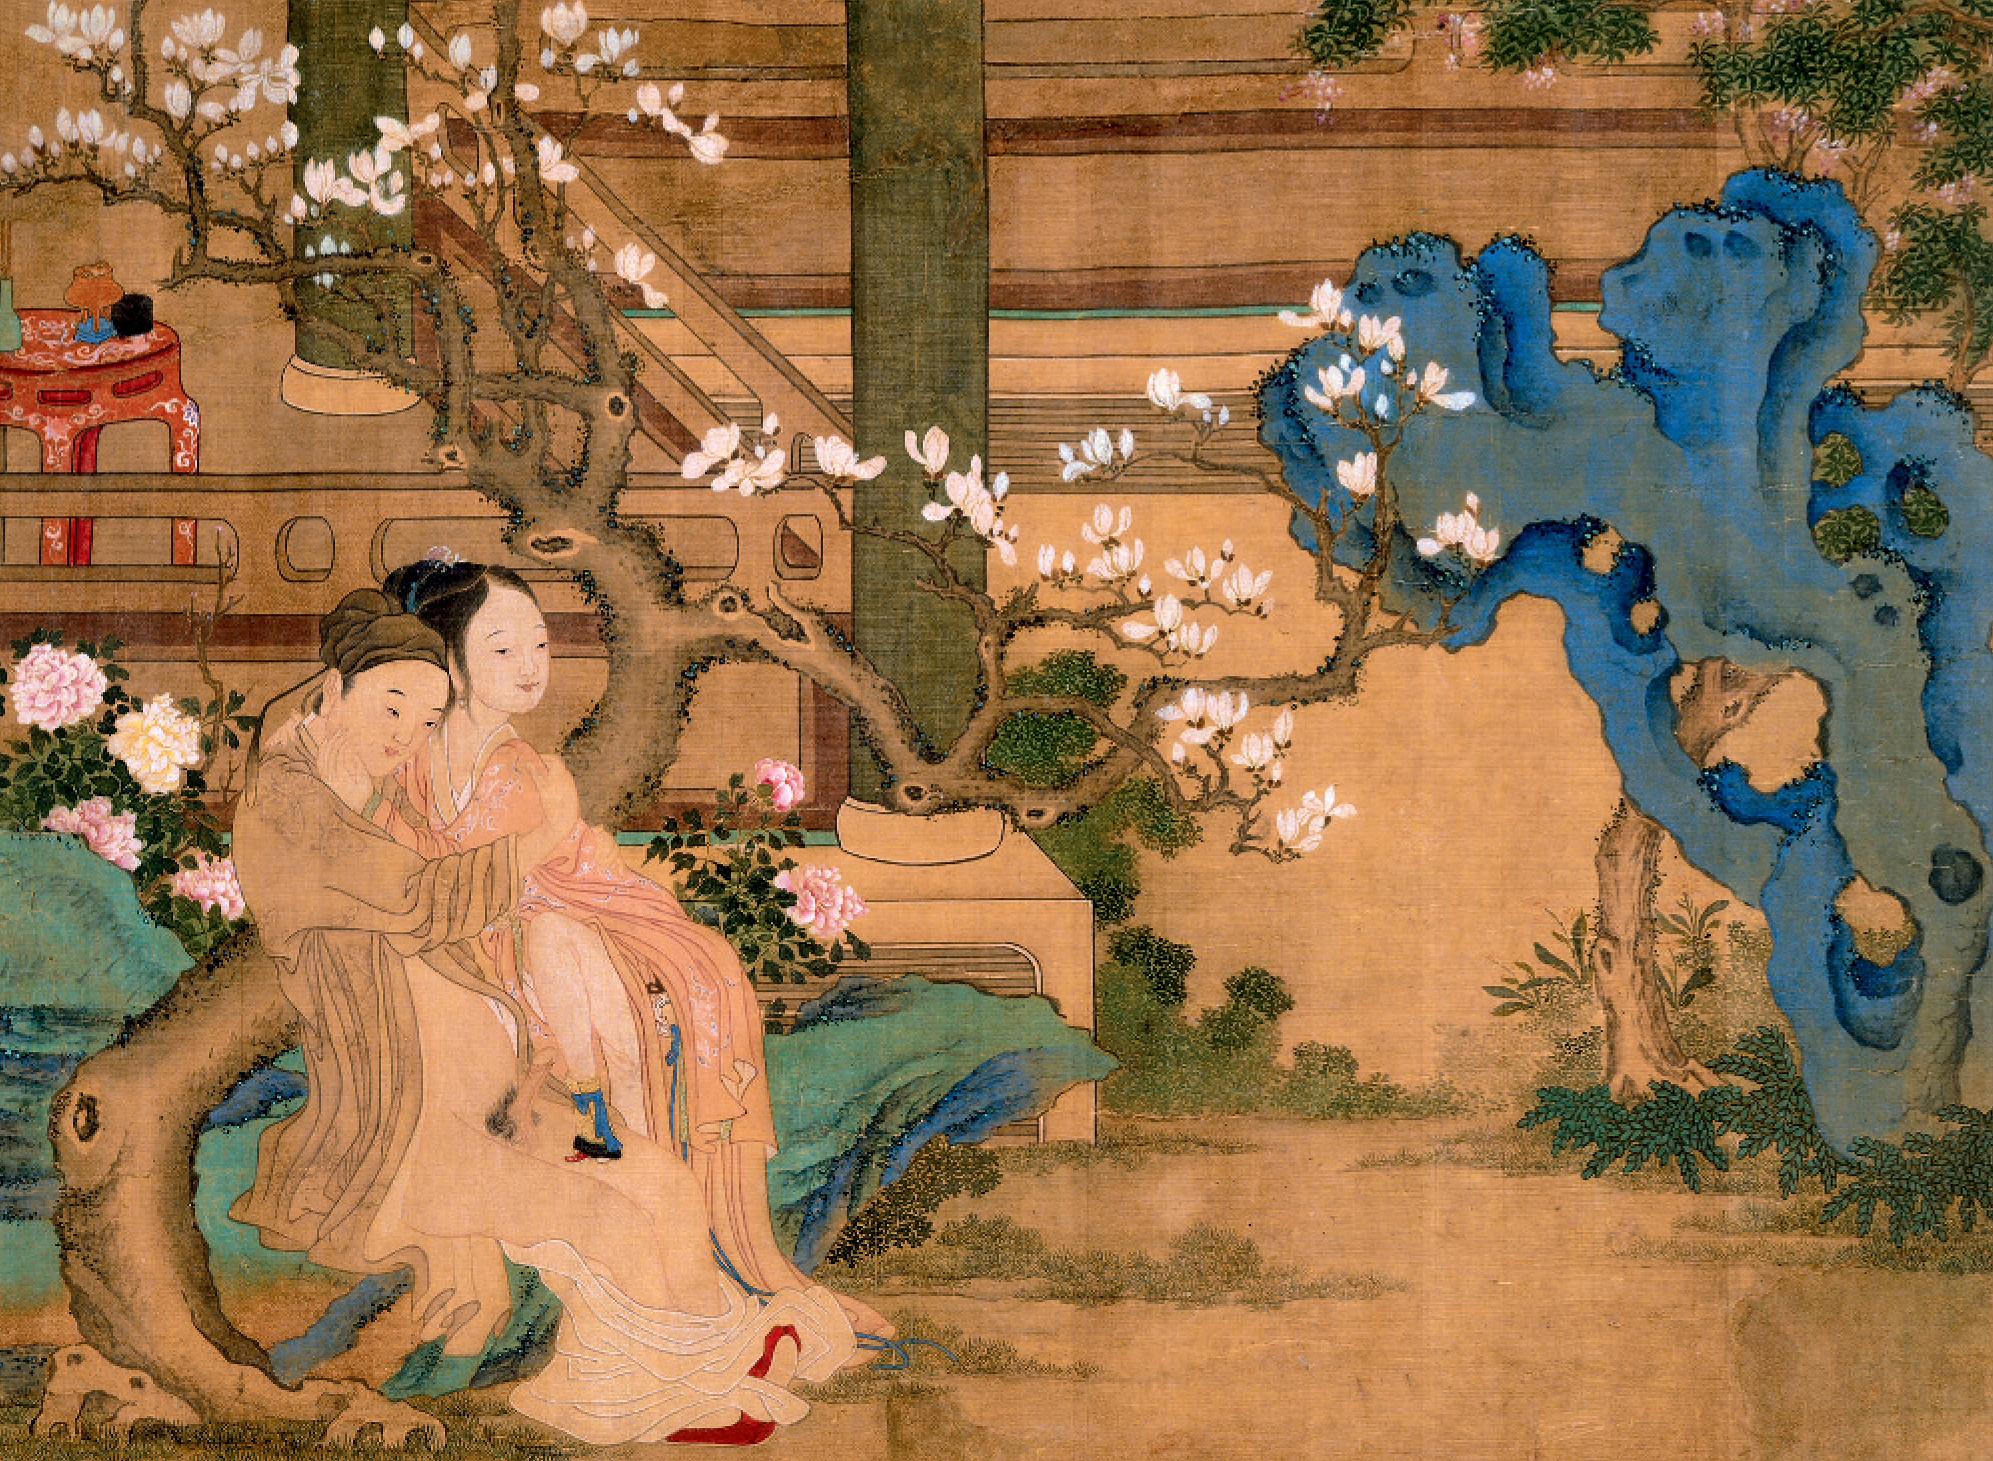 Peinture sur soie extraite d'un album de huit pages (39,5 x 55,5 cm), par un maître anonyme de la période Kangxi (1662-1722). Coll. Ferry Bertholet, Amsterdam.